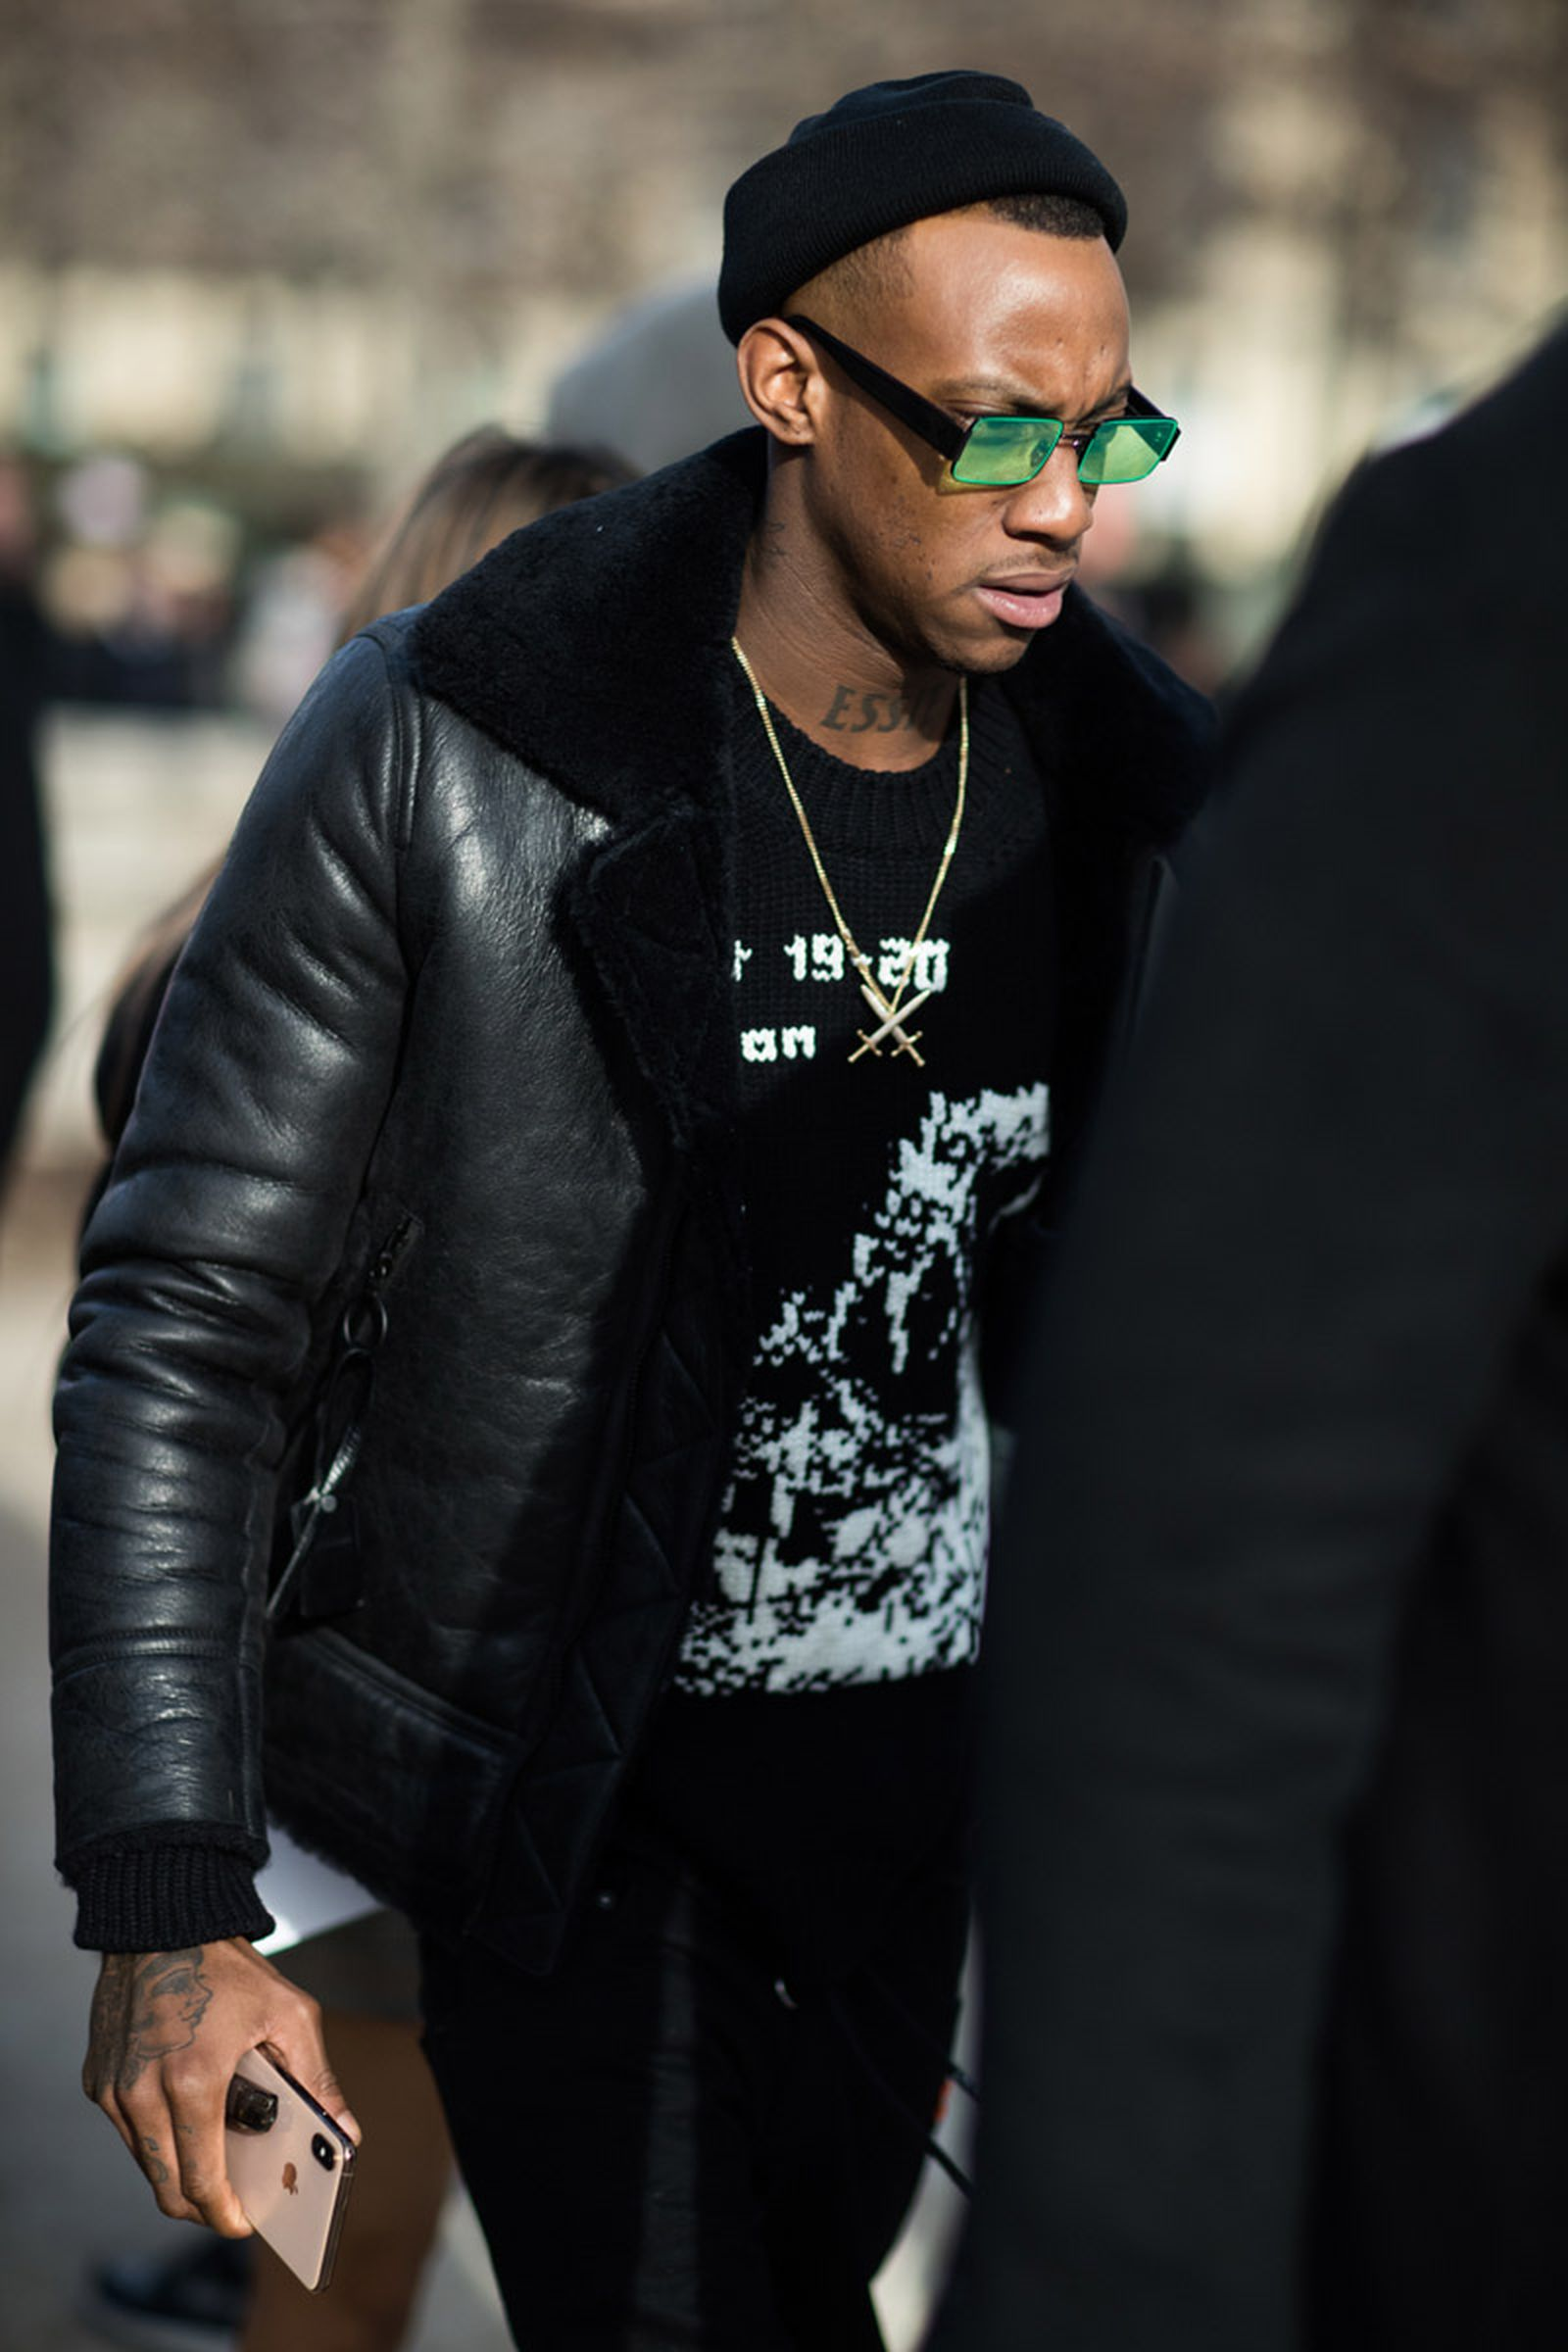 off white paris fashion week fw19 street style OFF-WHITE c/o Virgil Abloh pfw